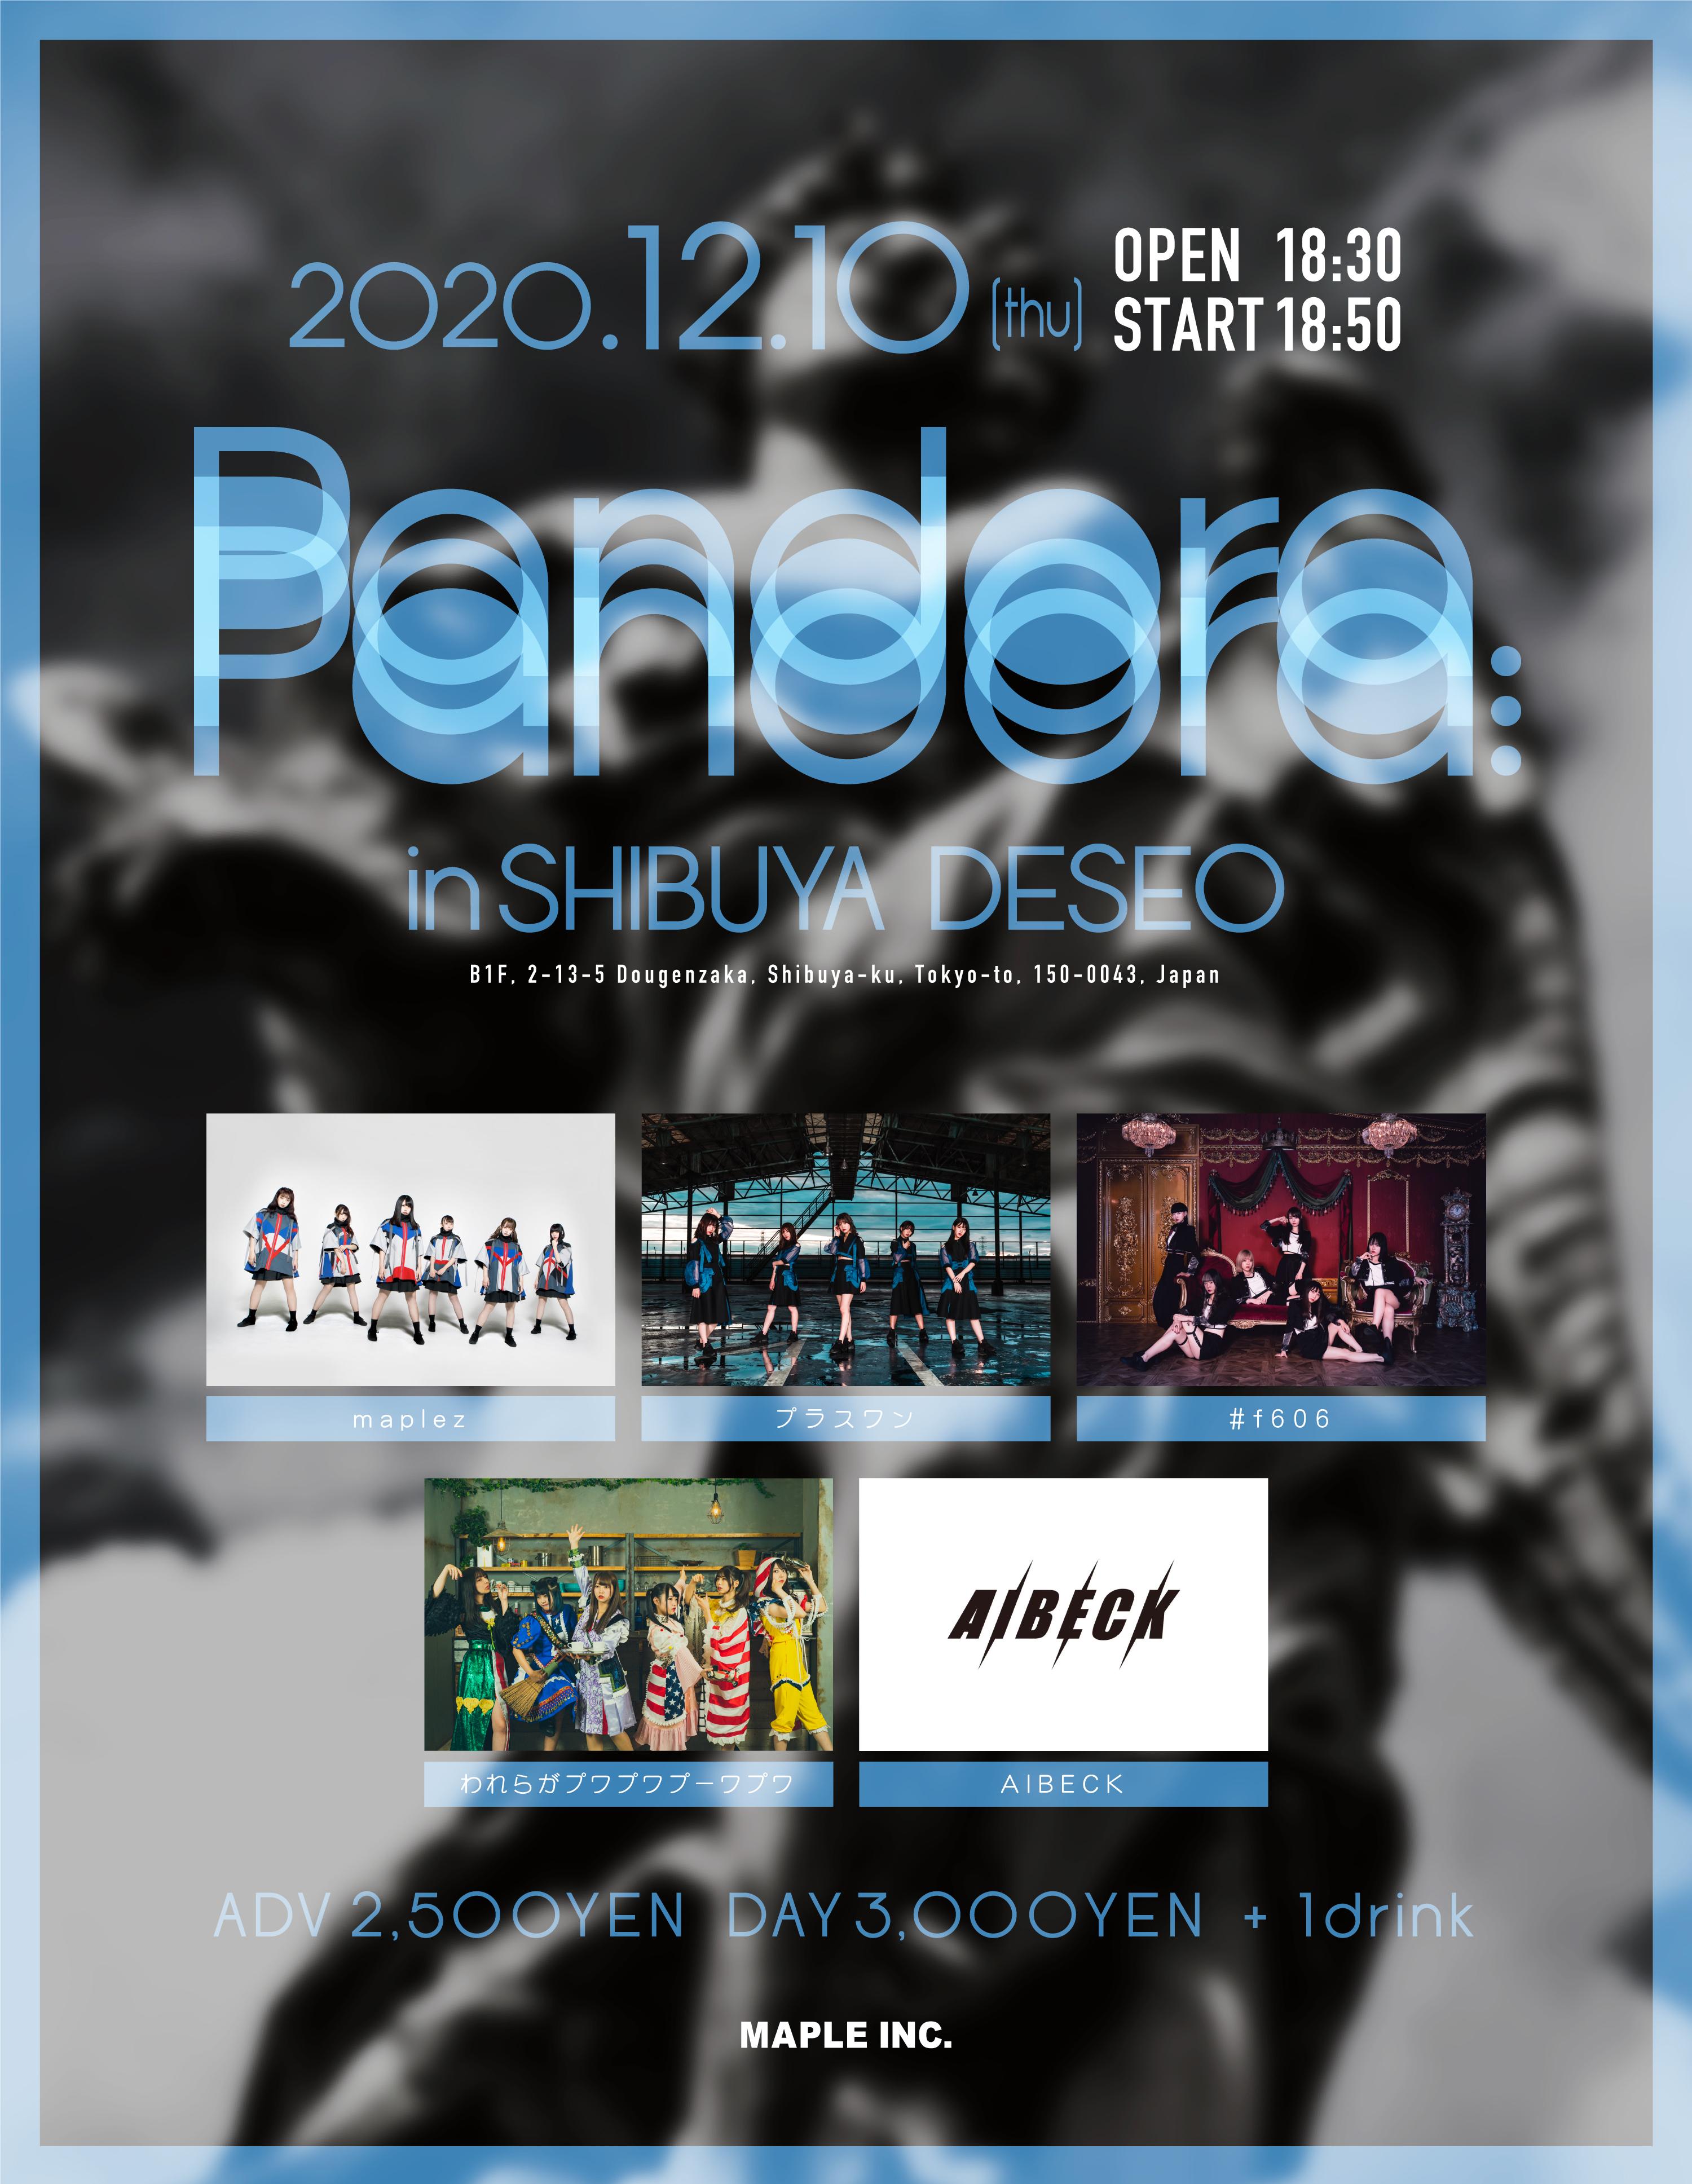 「Pandora. in SHIBUYA DESEO」